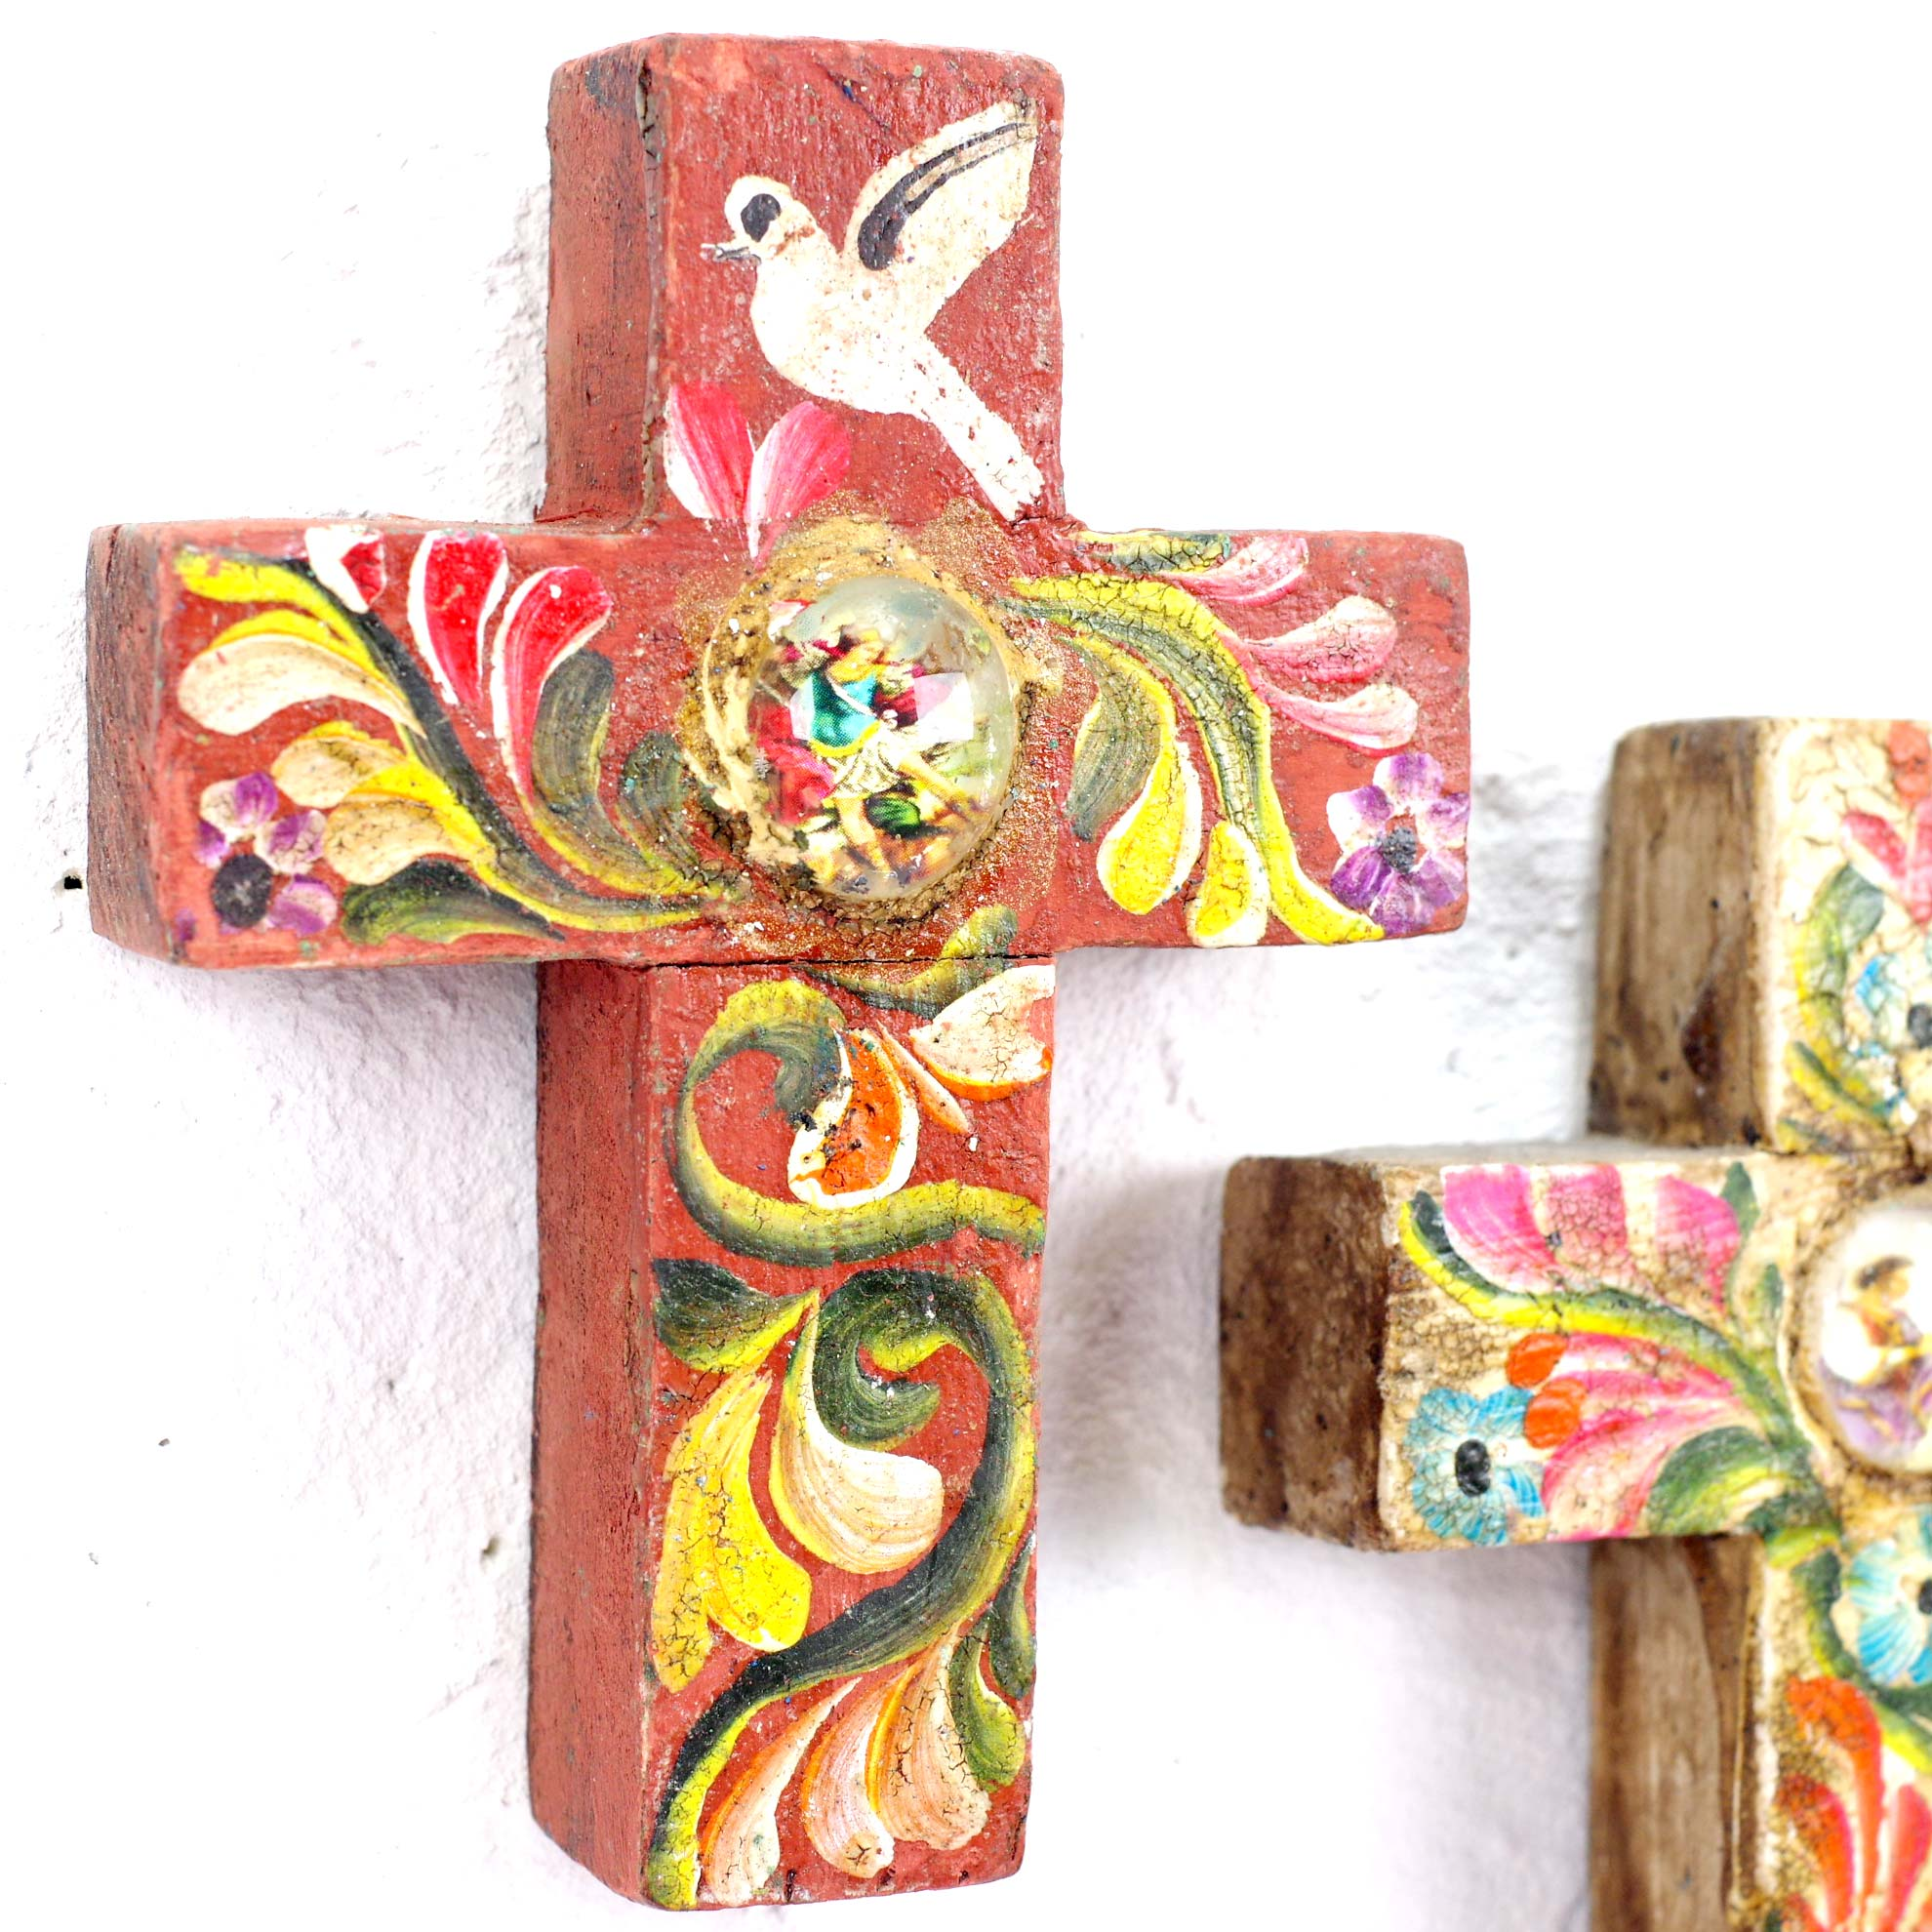 """""""手描きミラグロクロス,ミラグロ,クロス,十字架,壁掛け,壁飾り,インテリア,ミラグロクロス,民芸品,メキシコ雑貨,メキシコ雑貨PAD"""""""